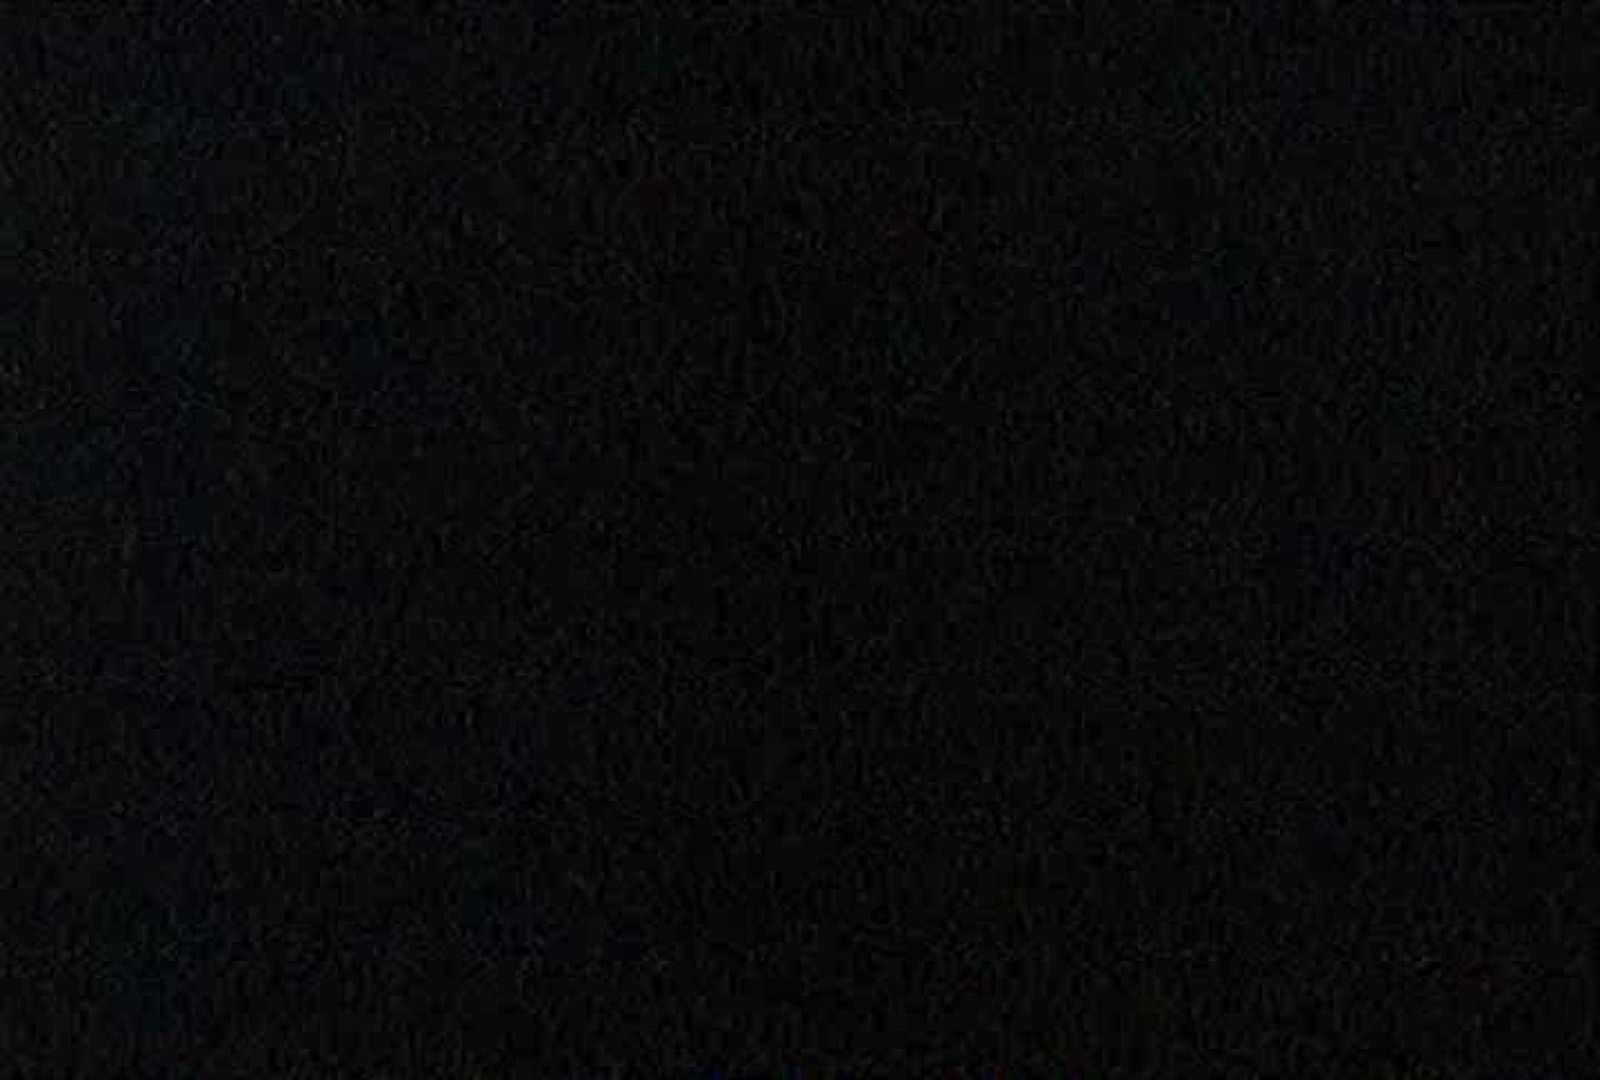 充血監督の深夜の運動会Vol.62 OLエロ画像  73PICs 27